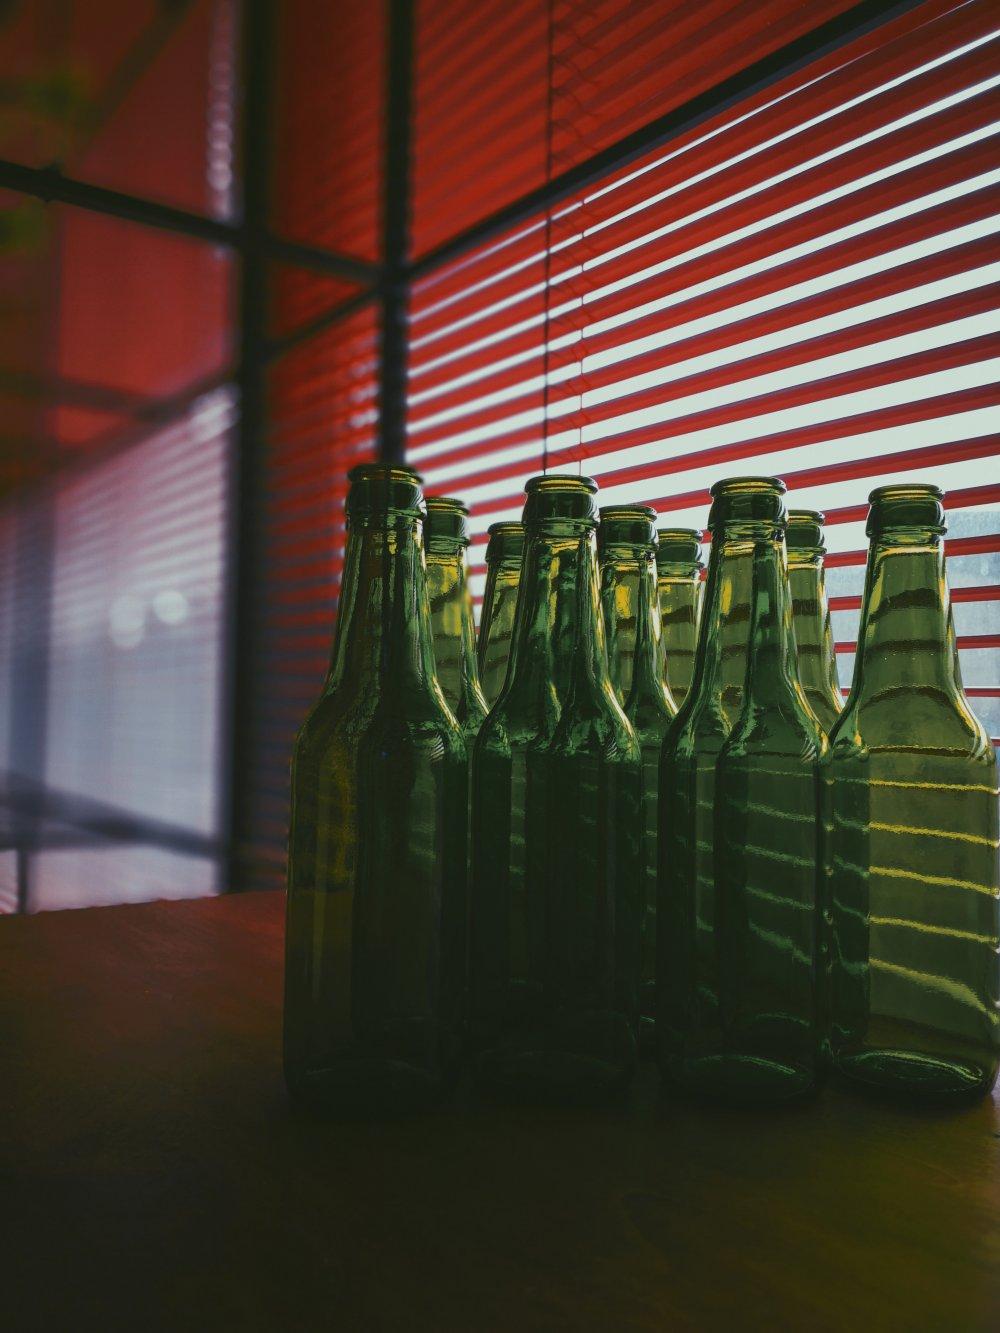 Hvad skal du bruge af brygudstyr til ølbrygning?